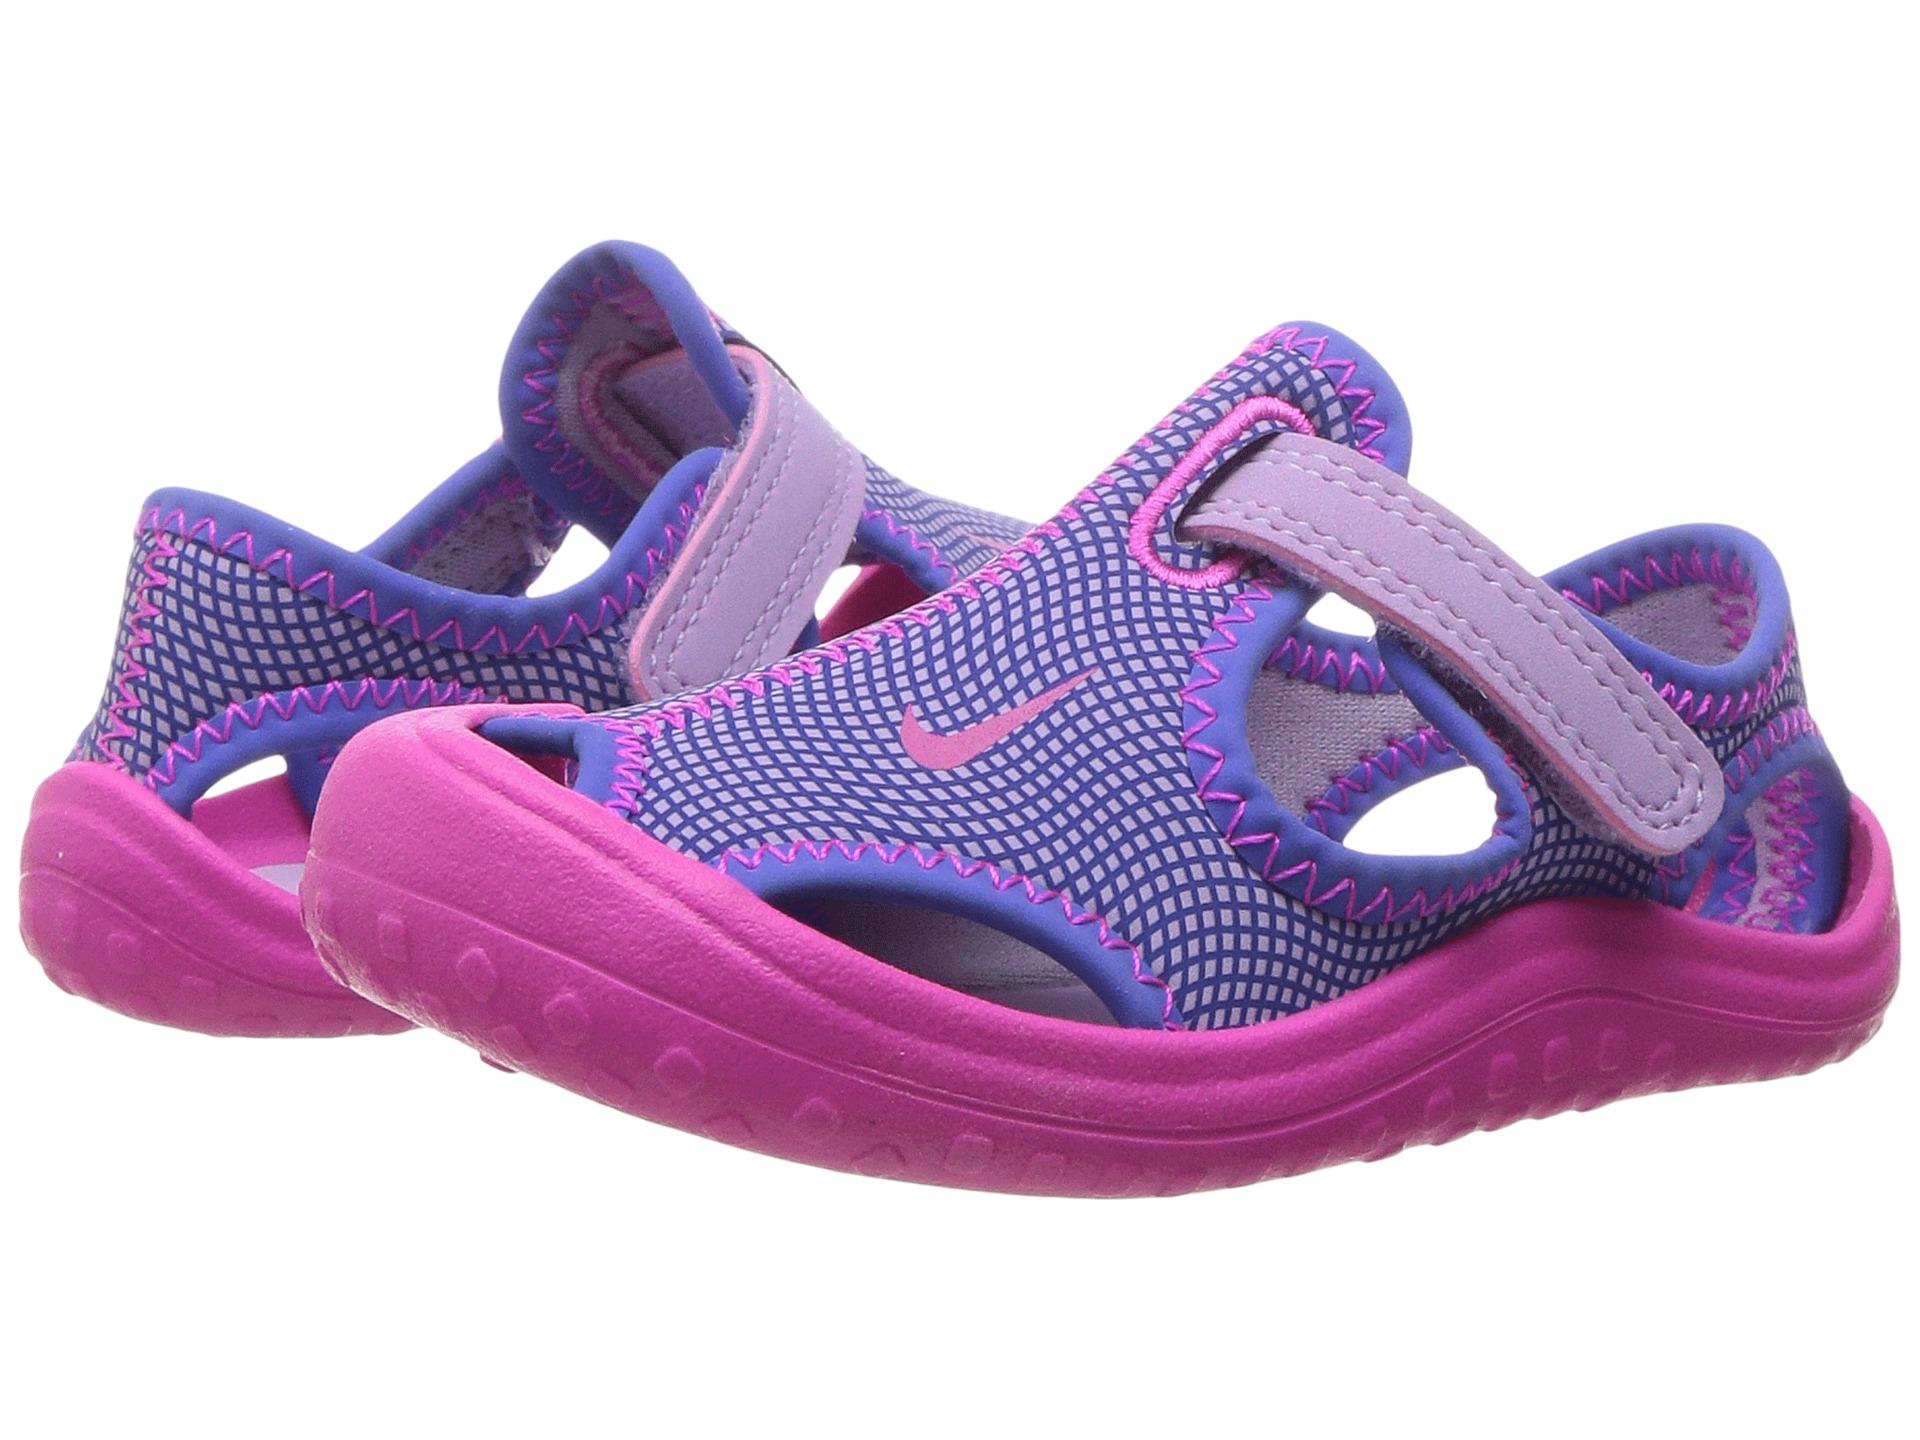 huge discount 128c7 b57fe ... Shoes womens nike shox purple ...